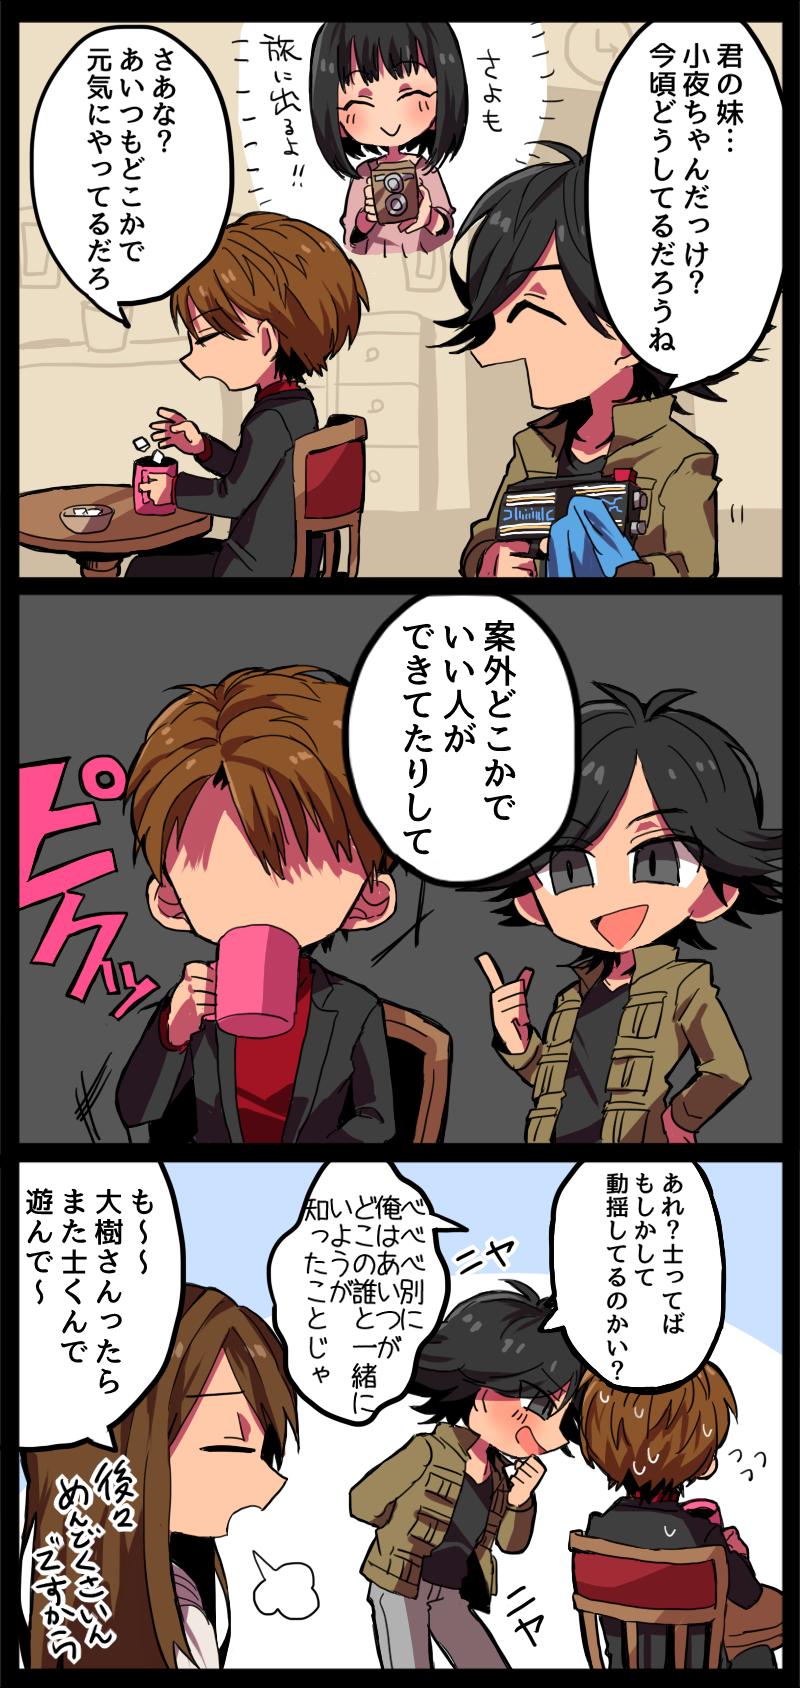 16 むぎめ mugimearms twitter 仮面ライダー イラスト 面白いイラスト レンジャー